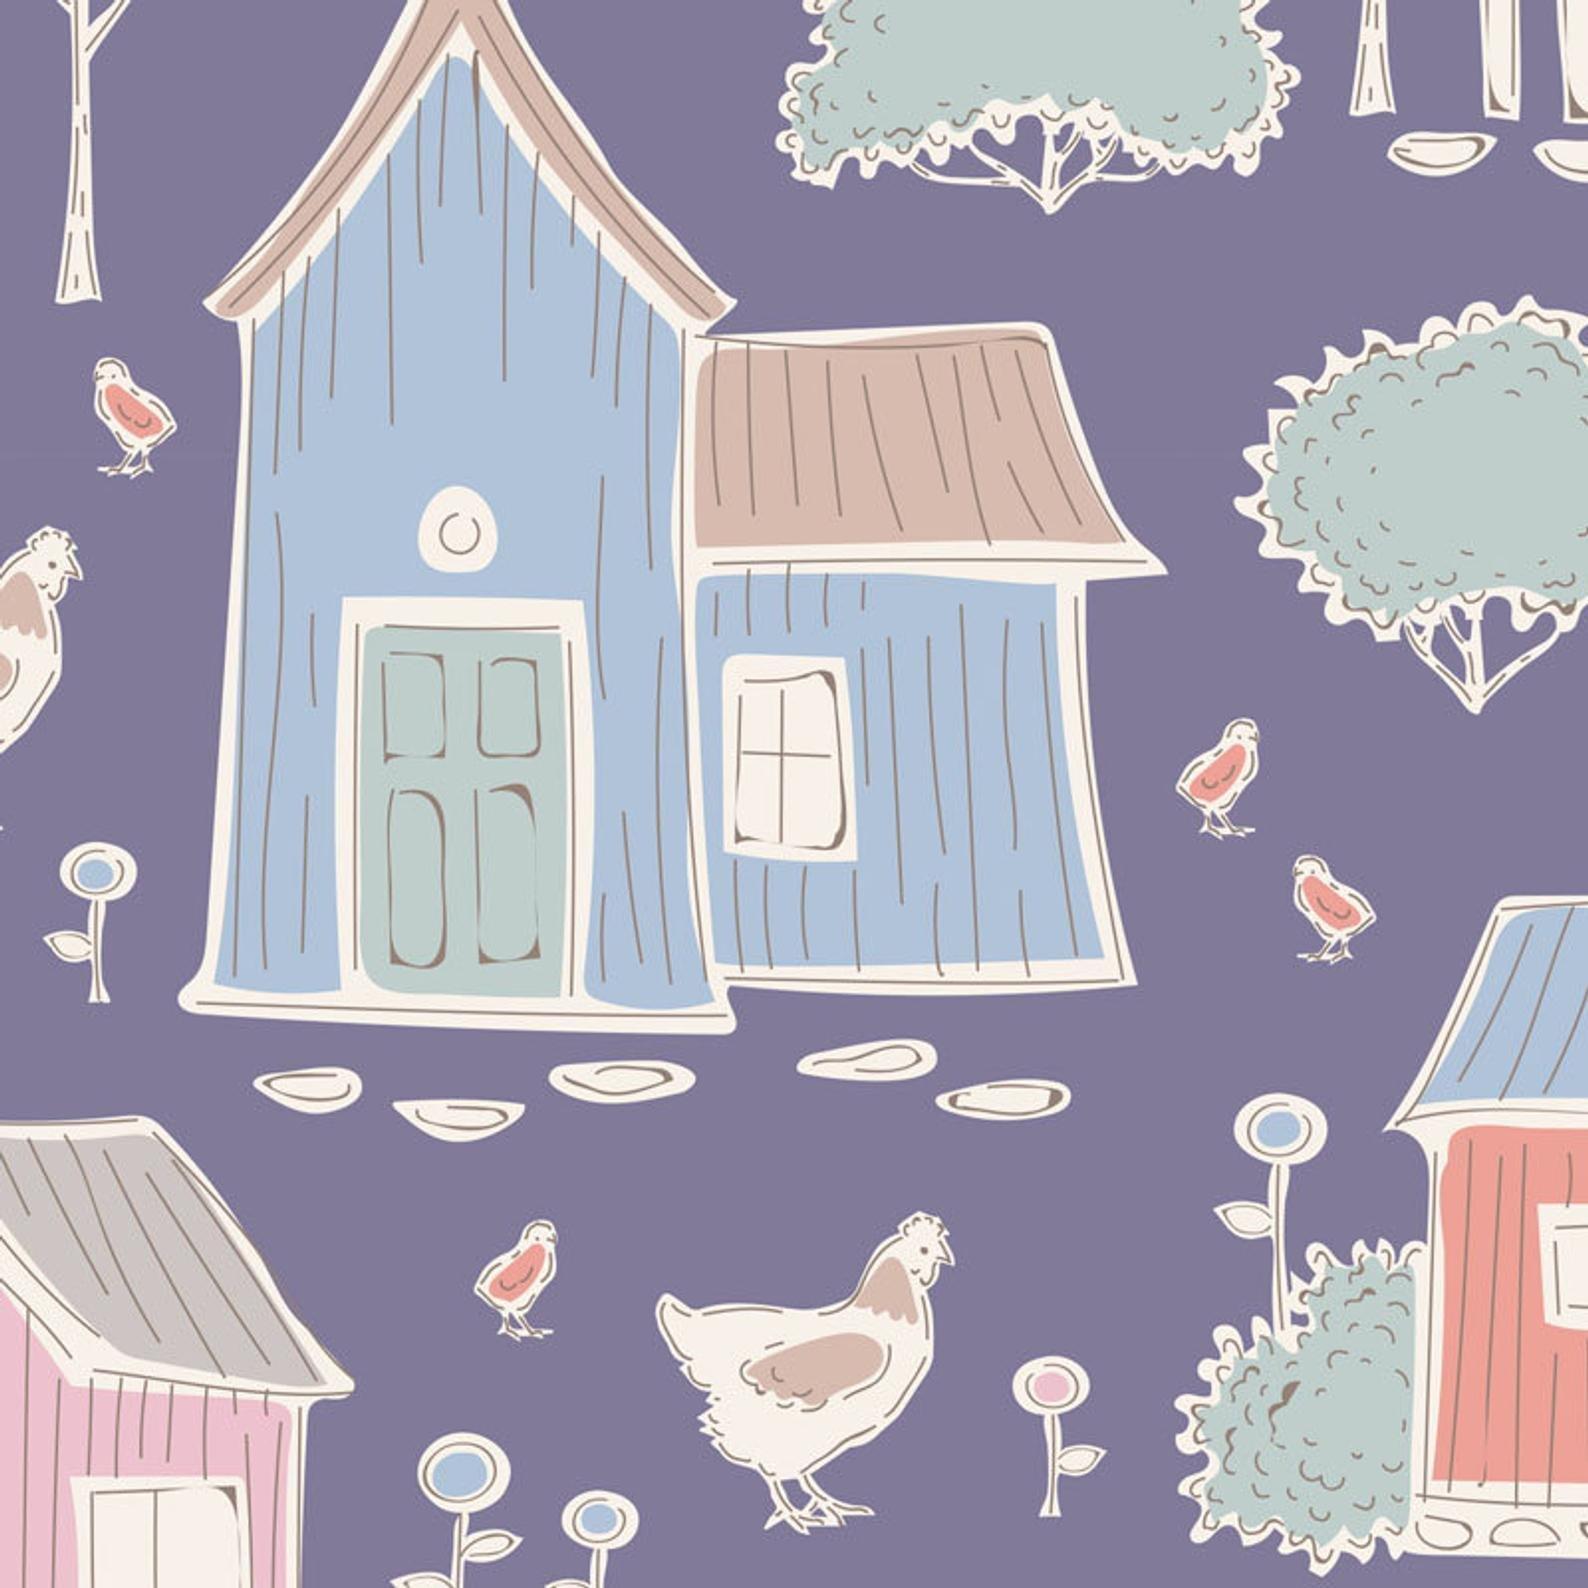 Farm Blueberry - Tiny Farm